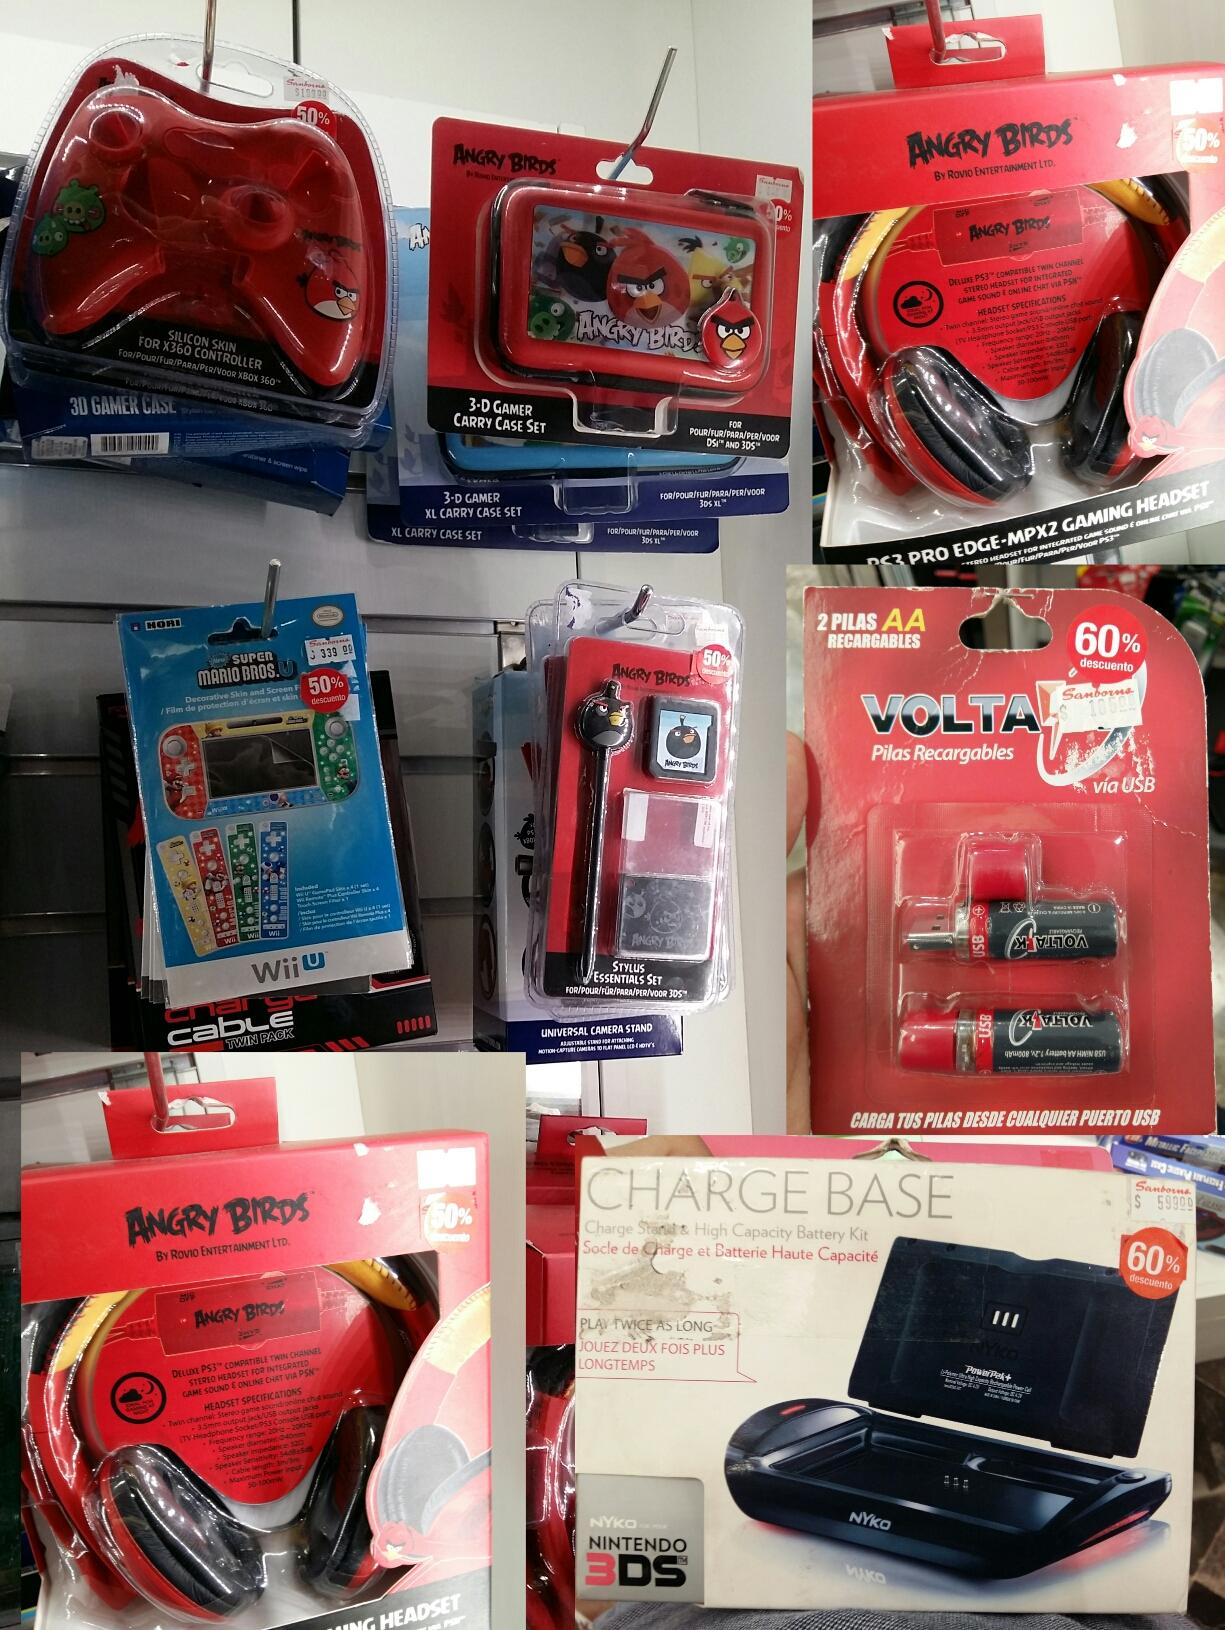 Sanborns: descuento en baterias y articulos Angry Birds